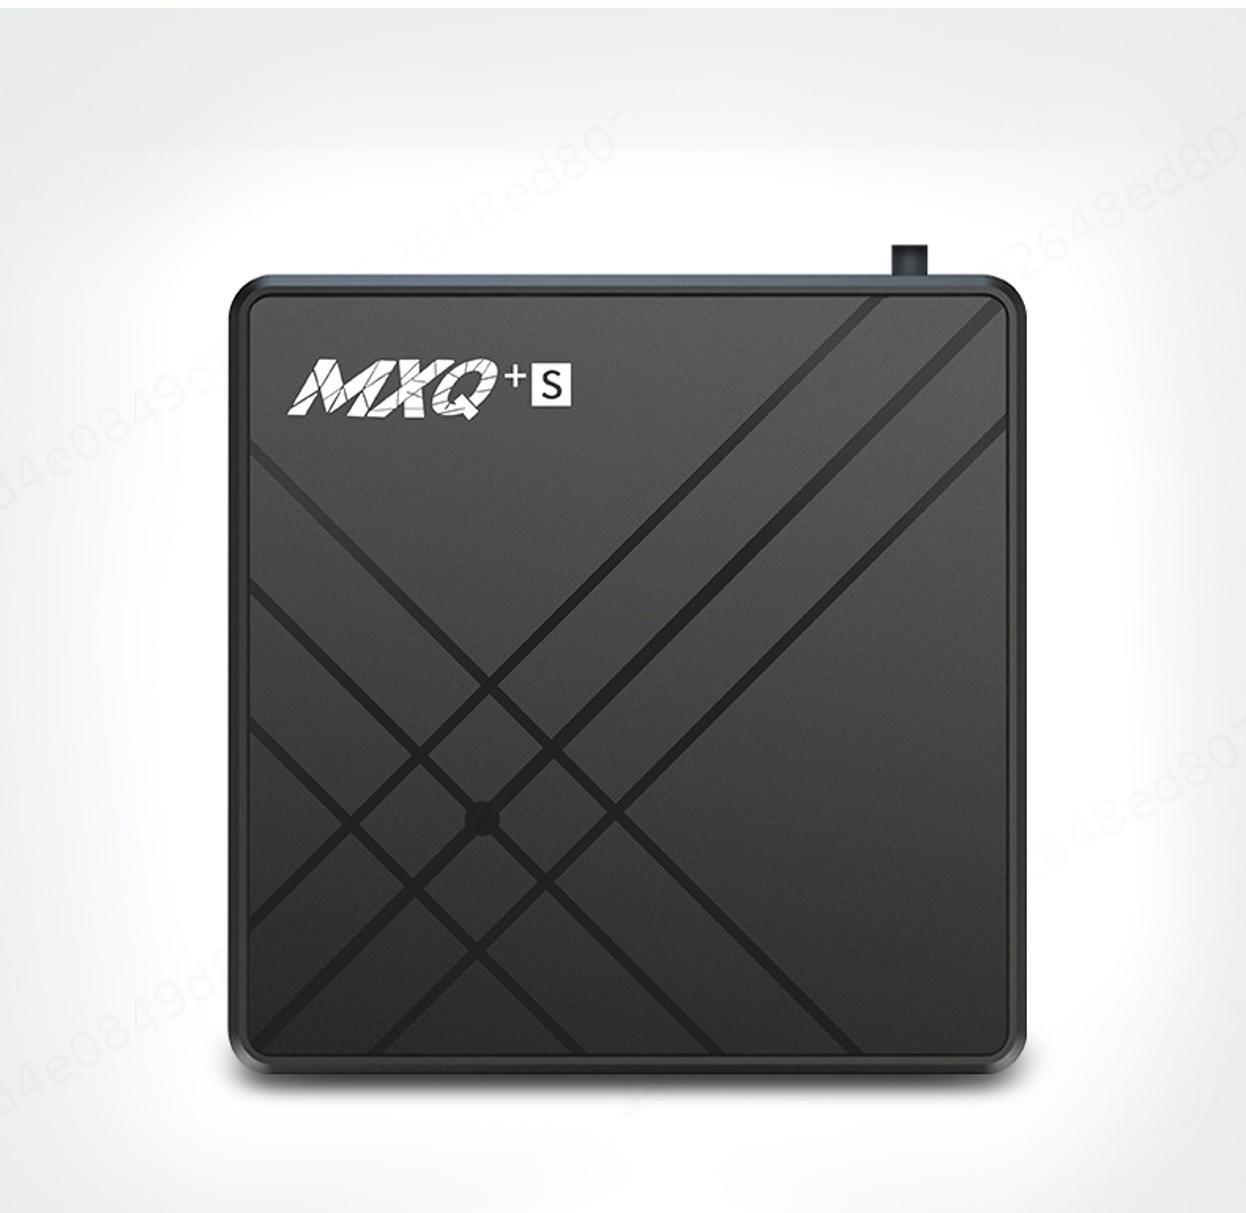 Đầu Tv Box Thông Minh Mx Android 9.0 Amlogic S905 Mx + S Qpro 4k 1gb + 8gb Và Phụ Kiện